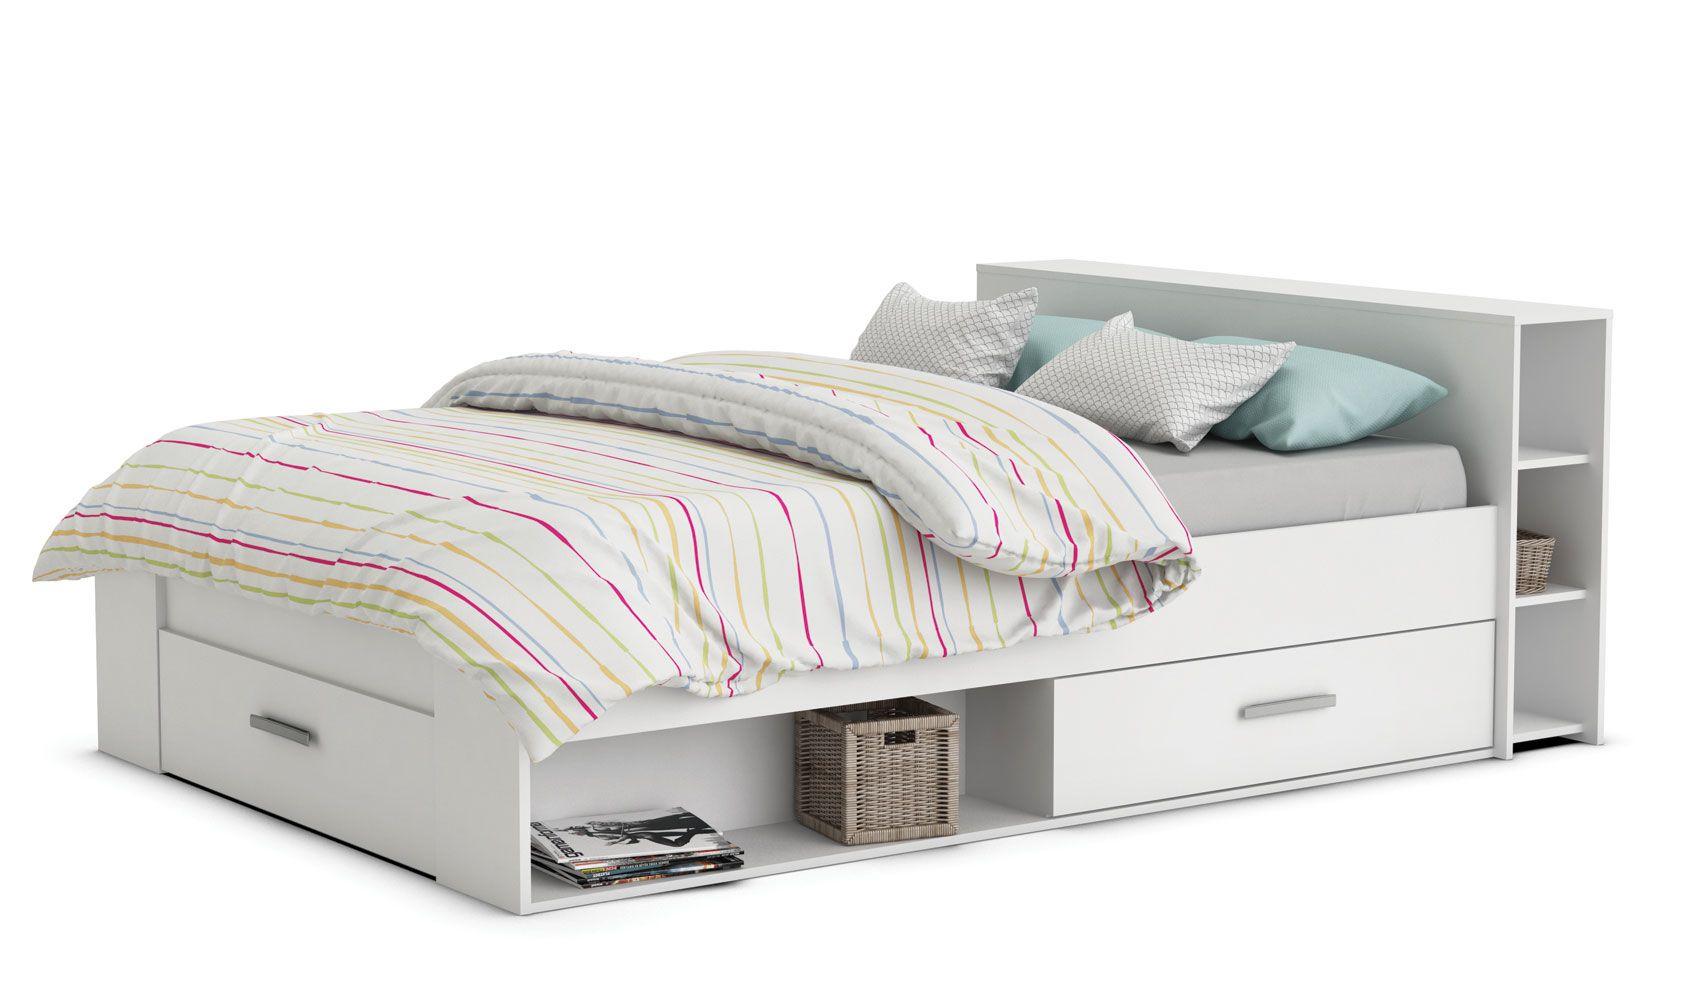 Full Size of Bett Weiß 120x200 Angenehm Stauraum Galerien Betten Kaufen 140x200 Schweißausbrüche Wechseljahre Bambus 2m X Mit Matratze Und Lattenrost Günstig Bett Bett Weiß 120x200